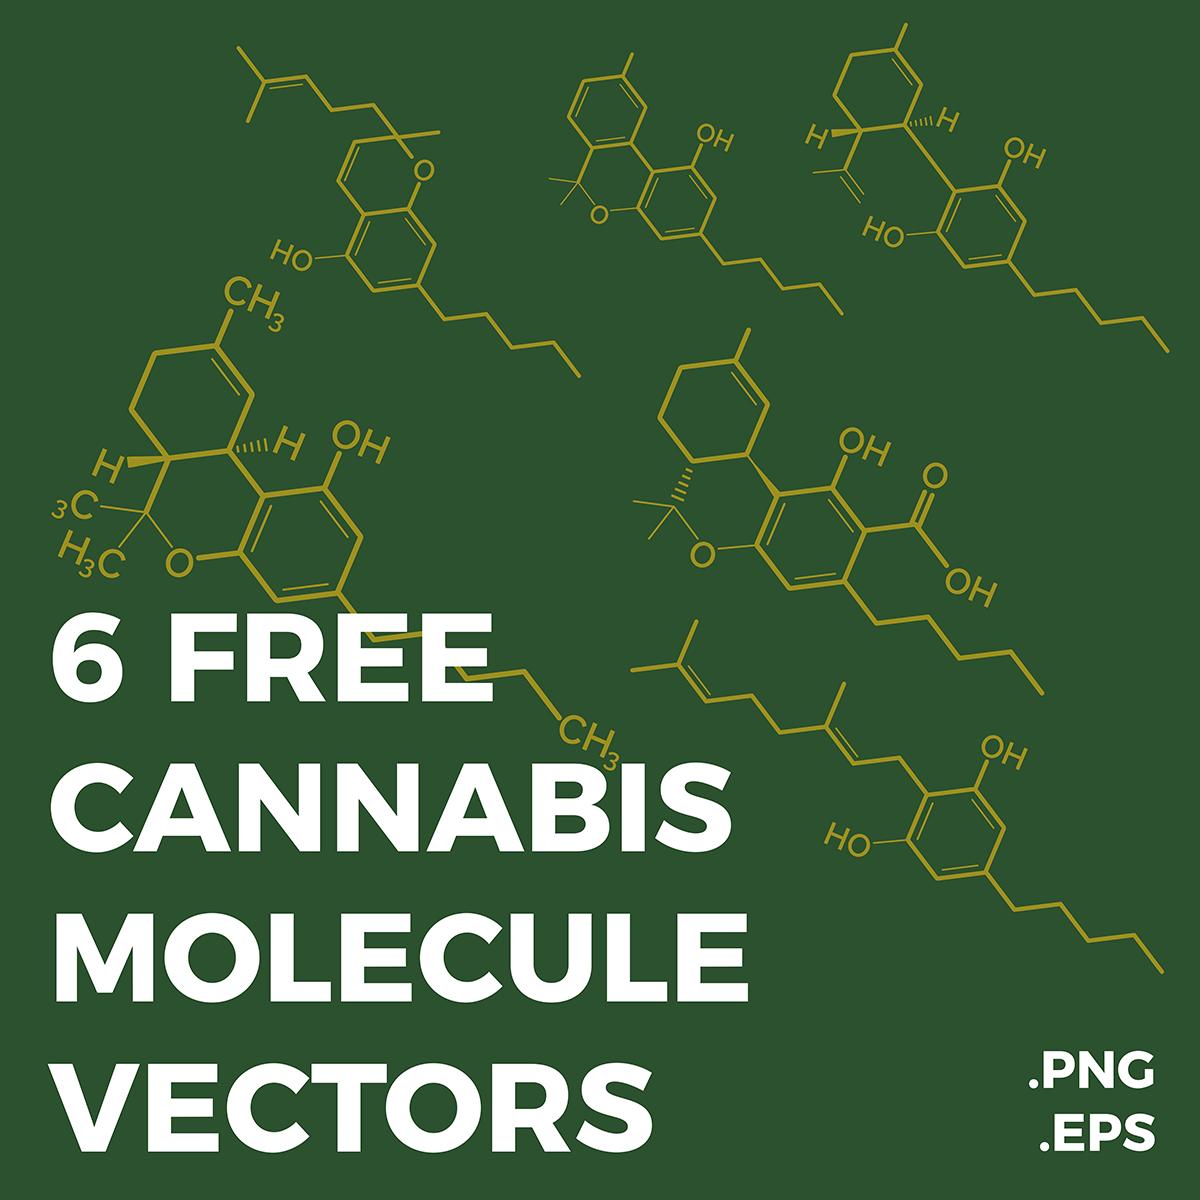 6 Free Cannabis Molecules